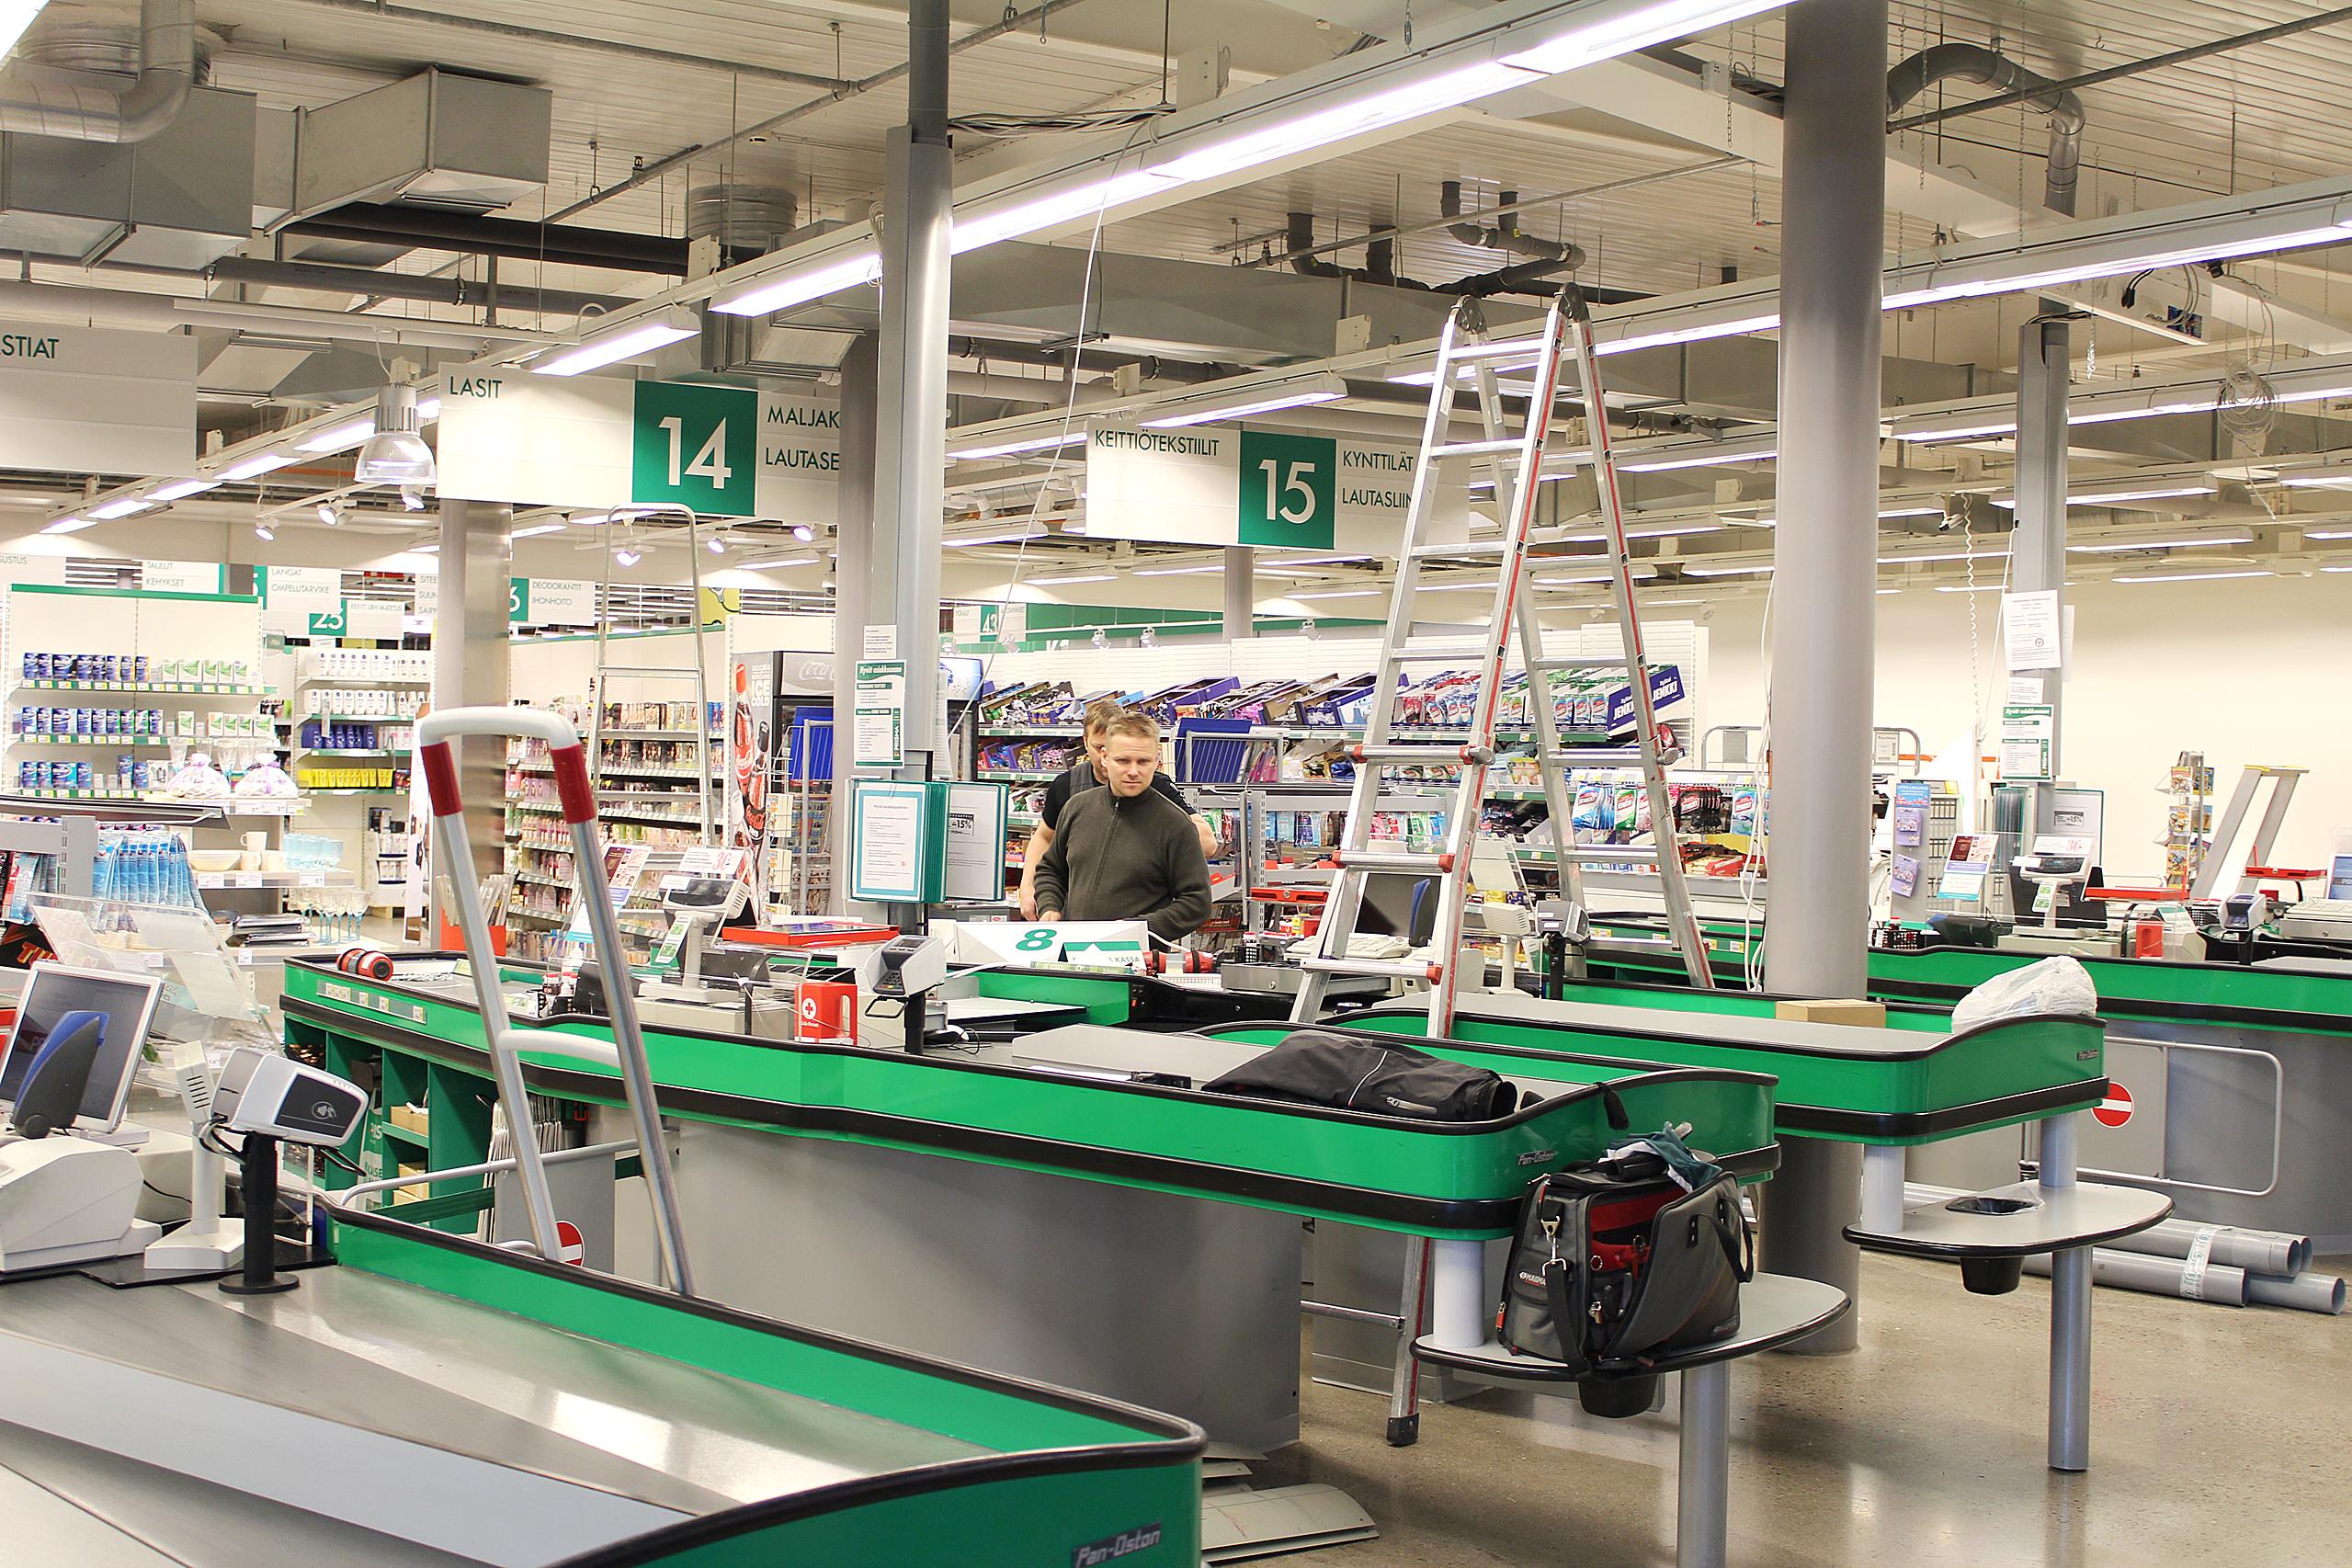 Prisma turku länsikeskus tarjoukset s market kemiö tarjoukset